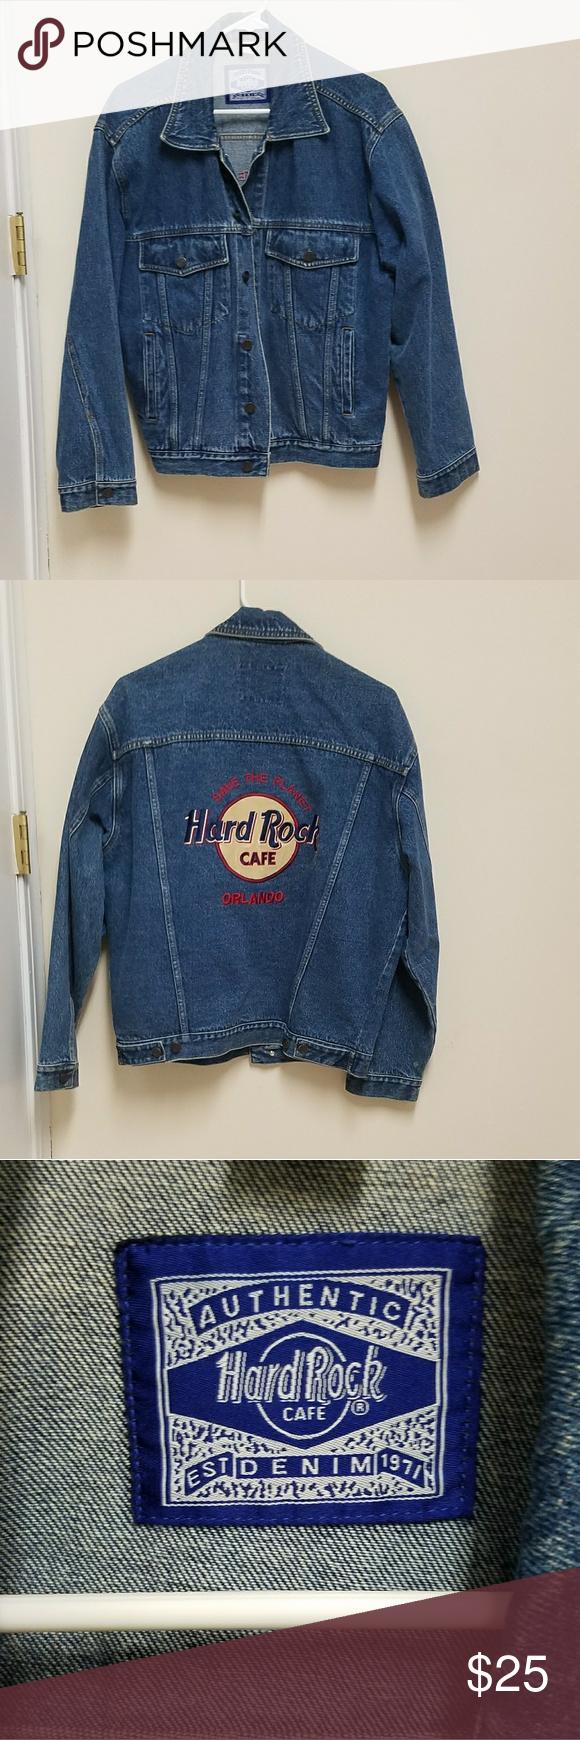 Vintage Hard Rock Cafe Denim Jacket Denim Jacket Jackets Faded Denim Jackets [ 1740 x 580 Pixel ]